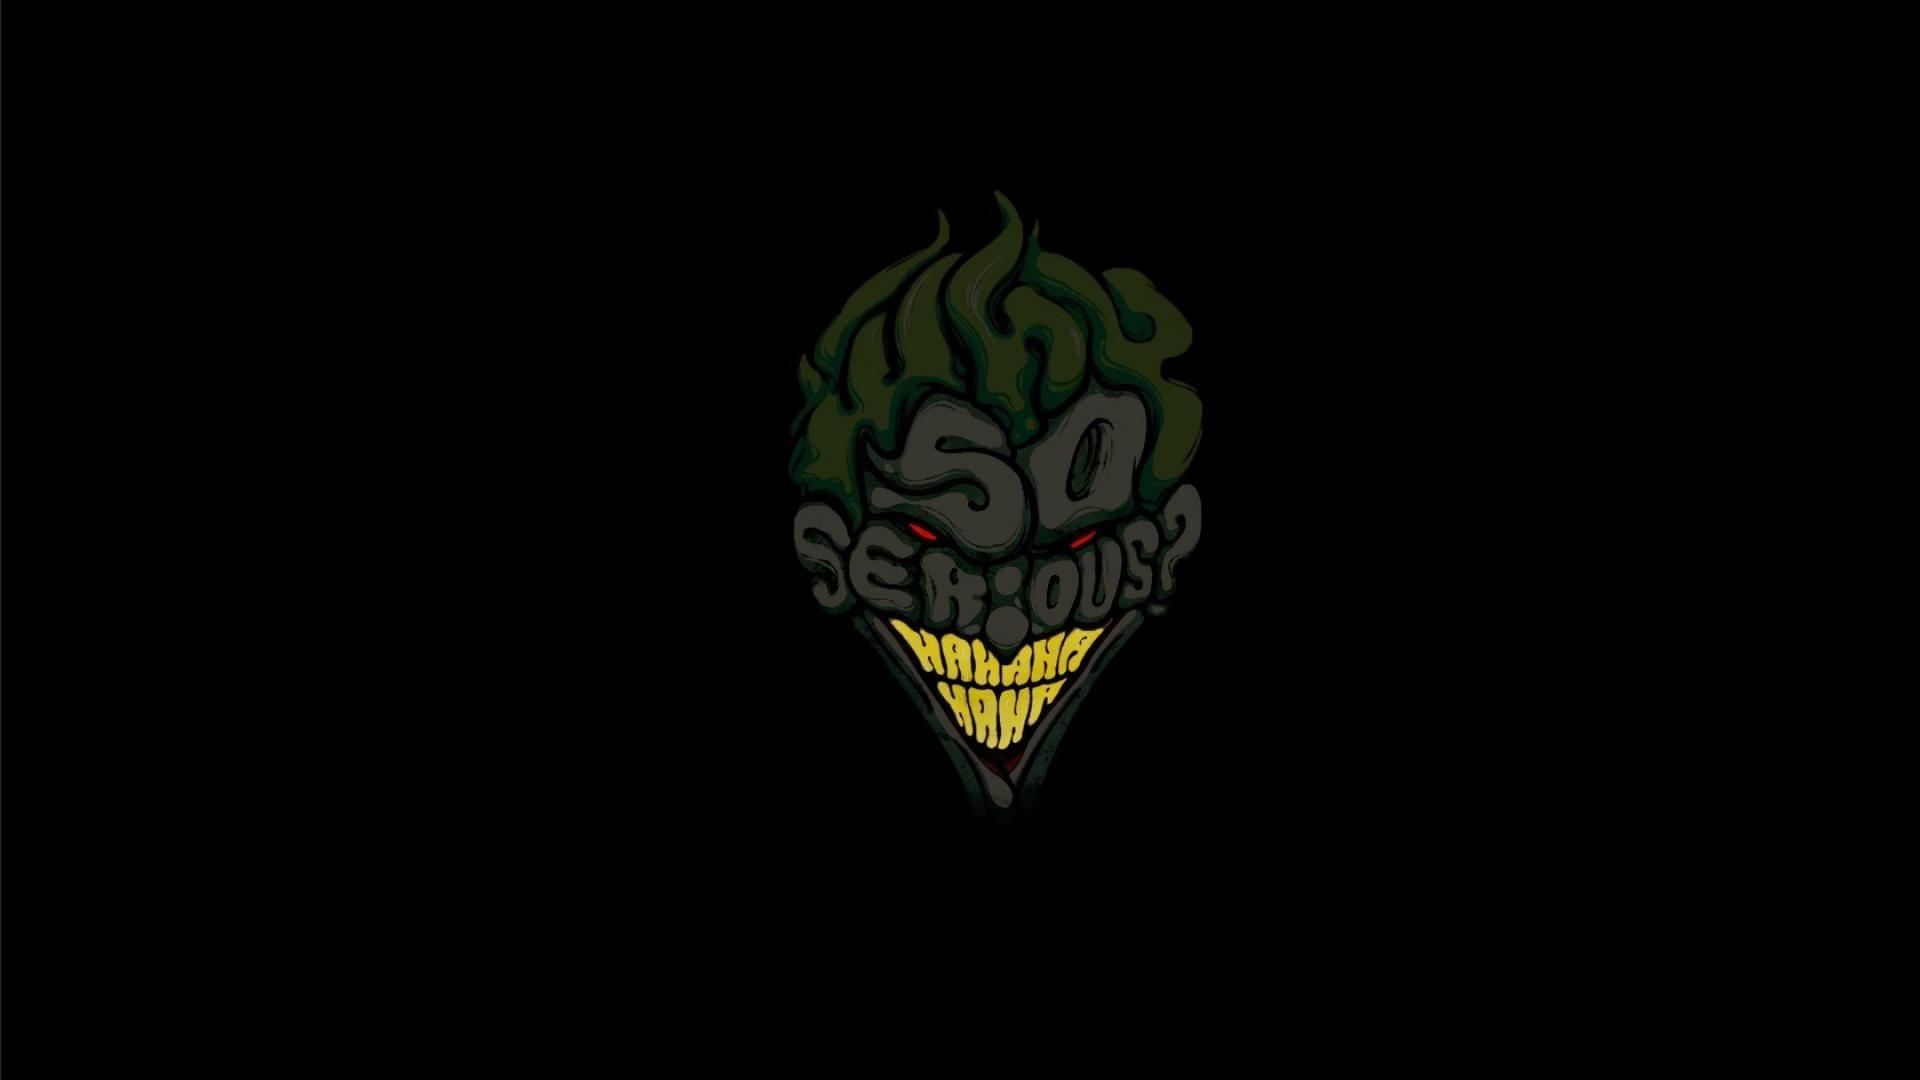 Joker Why So Serious Wallpaper 1